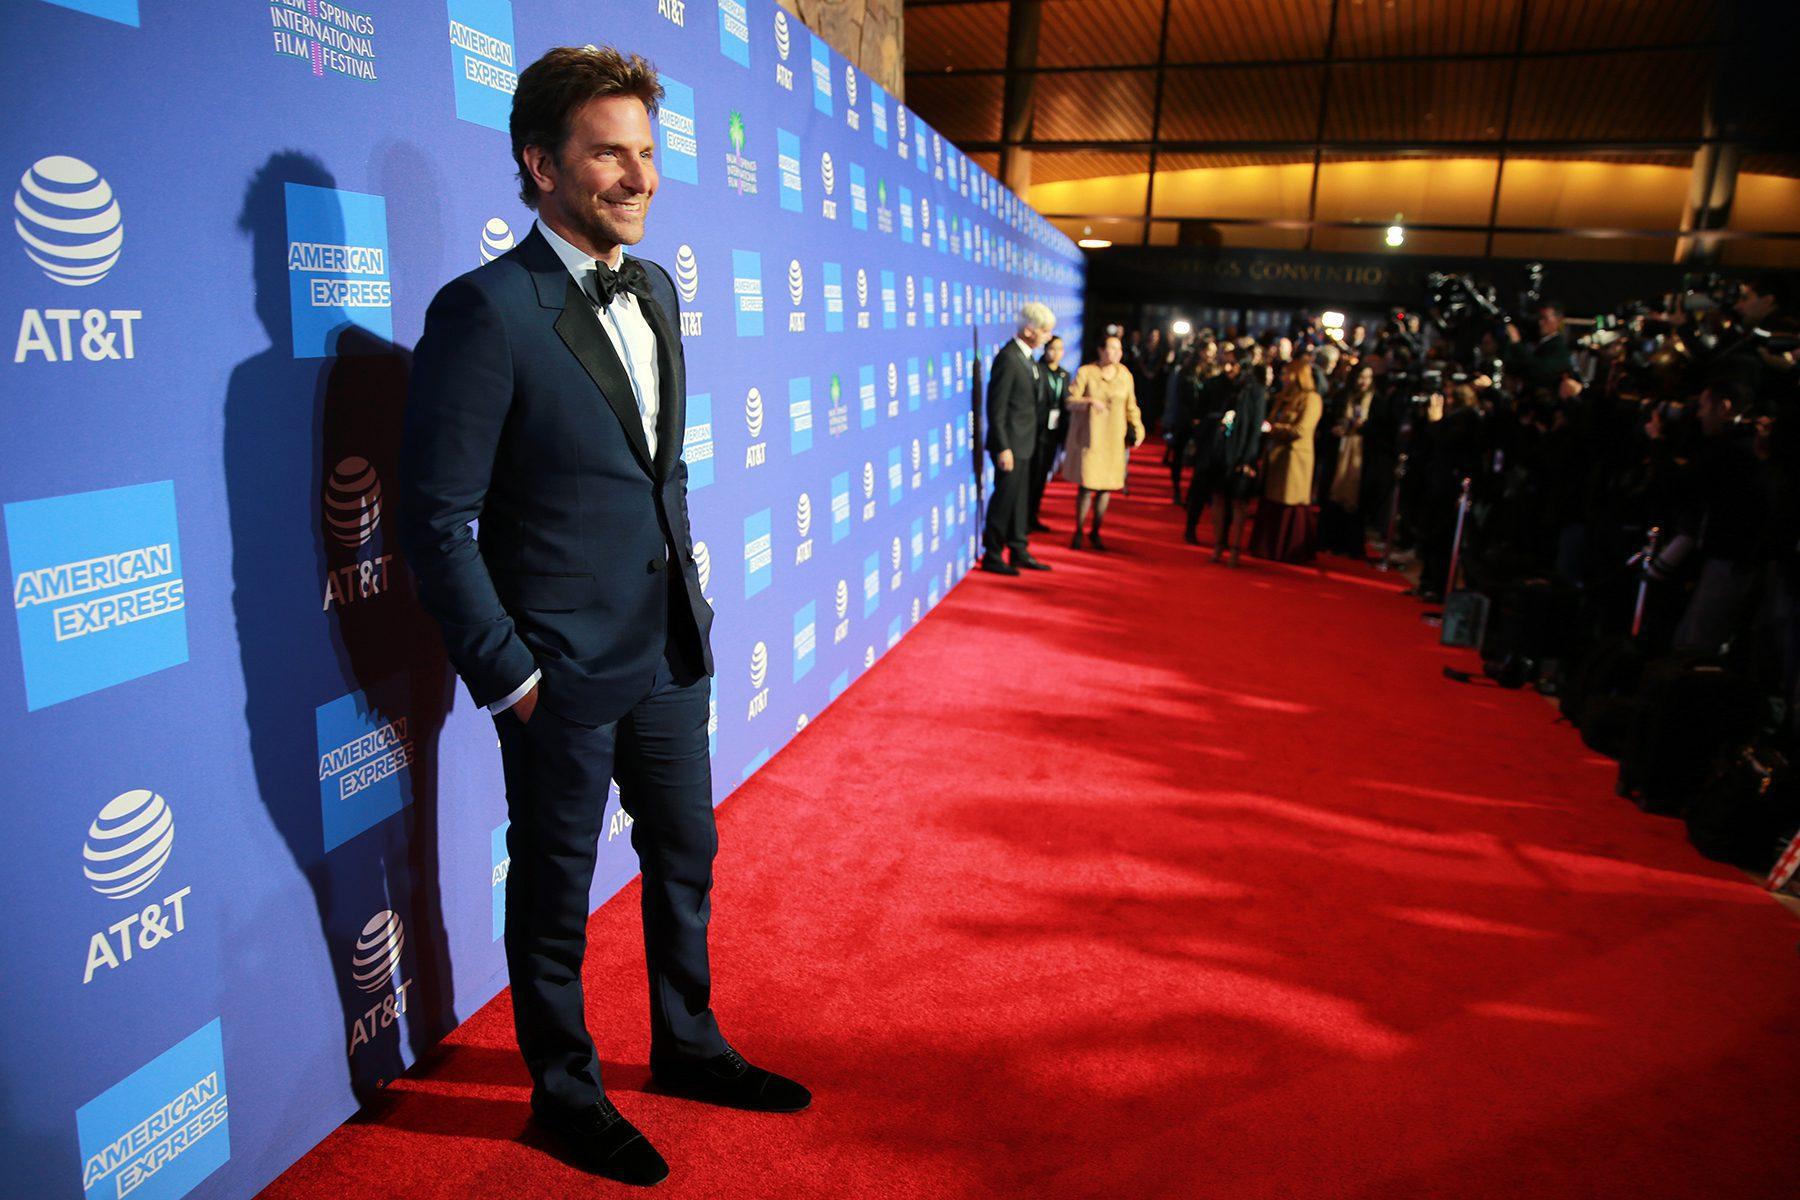 Bradley Cooper at Film Festival